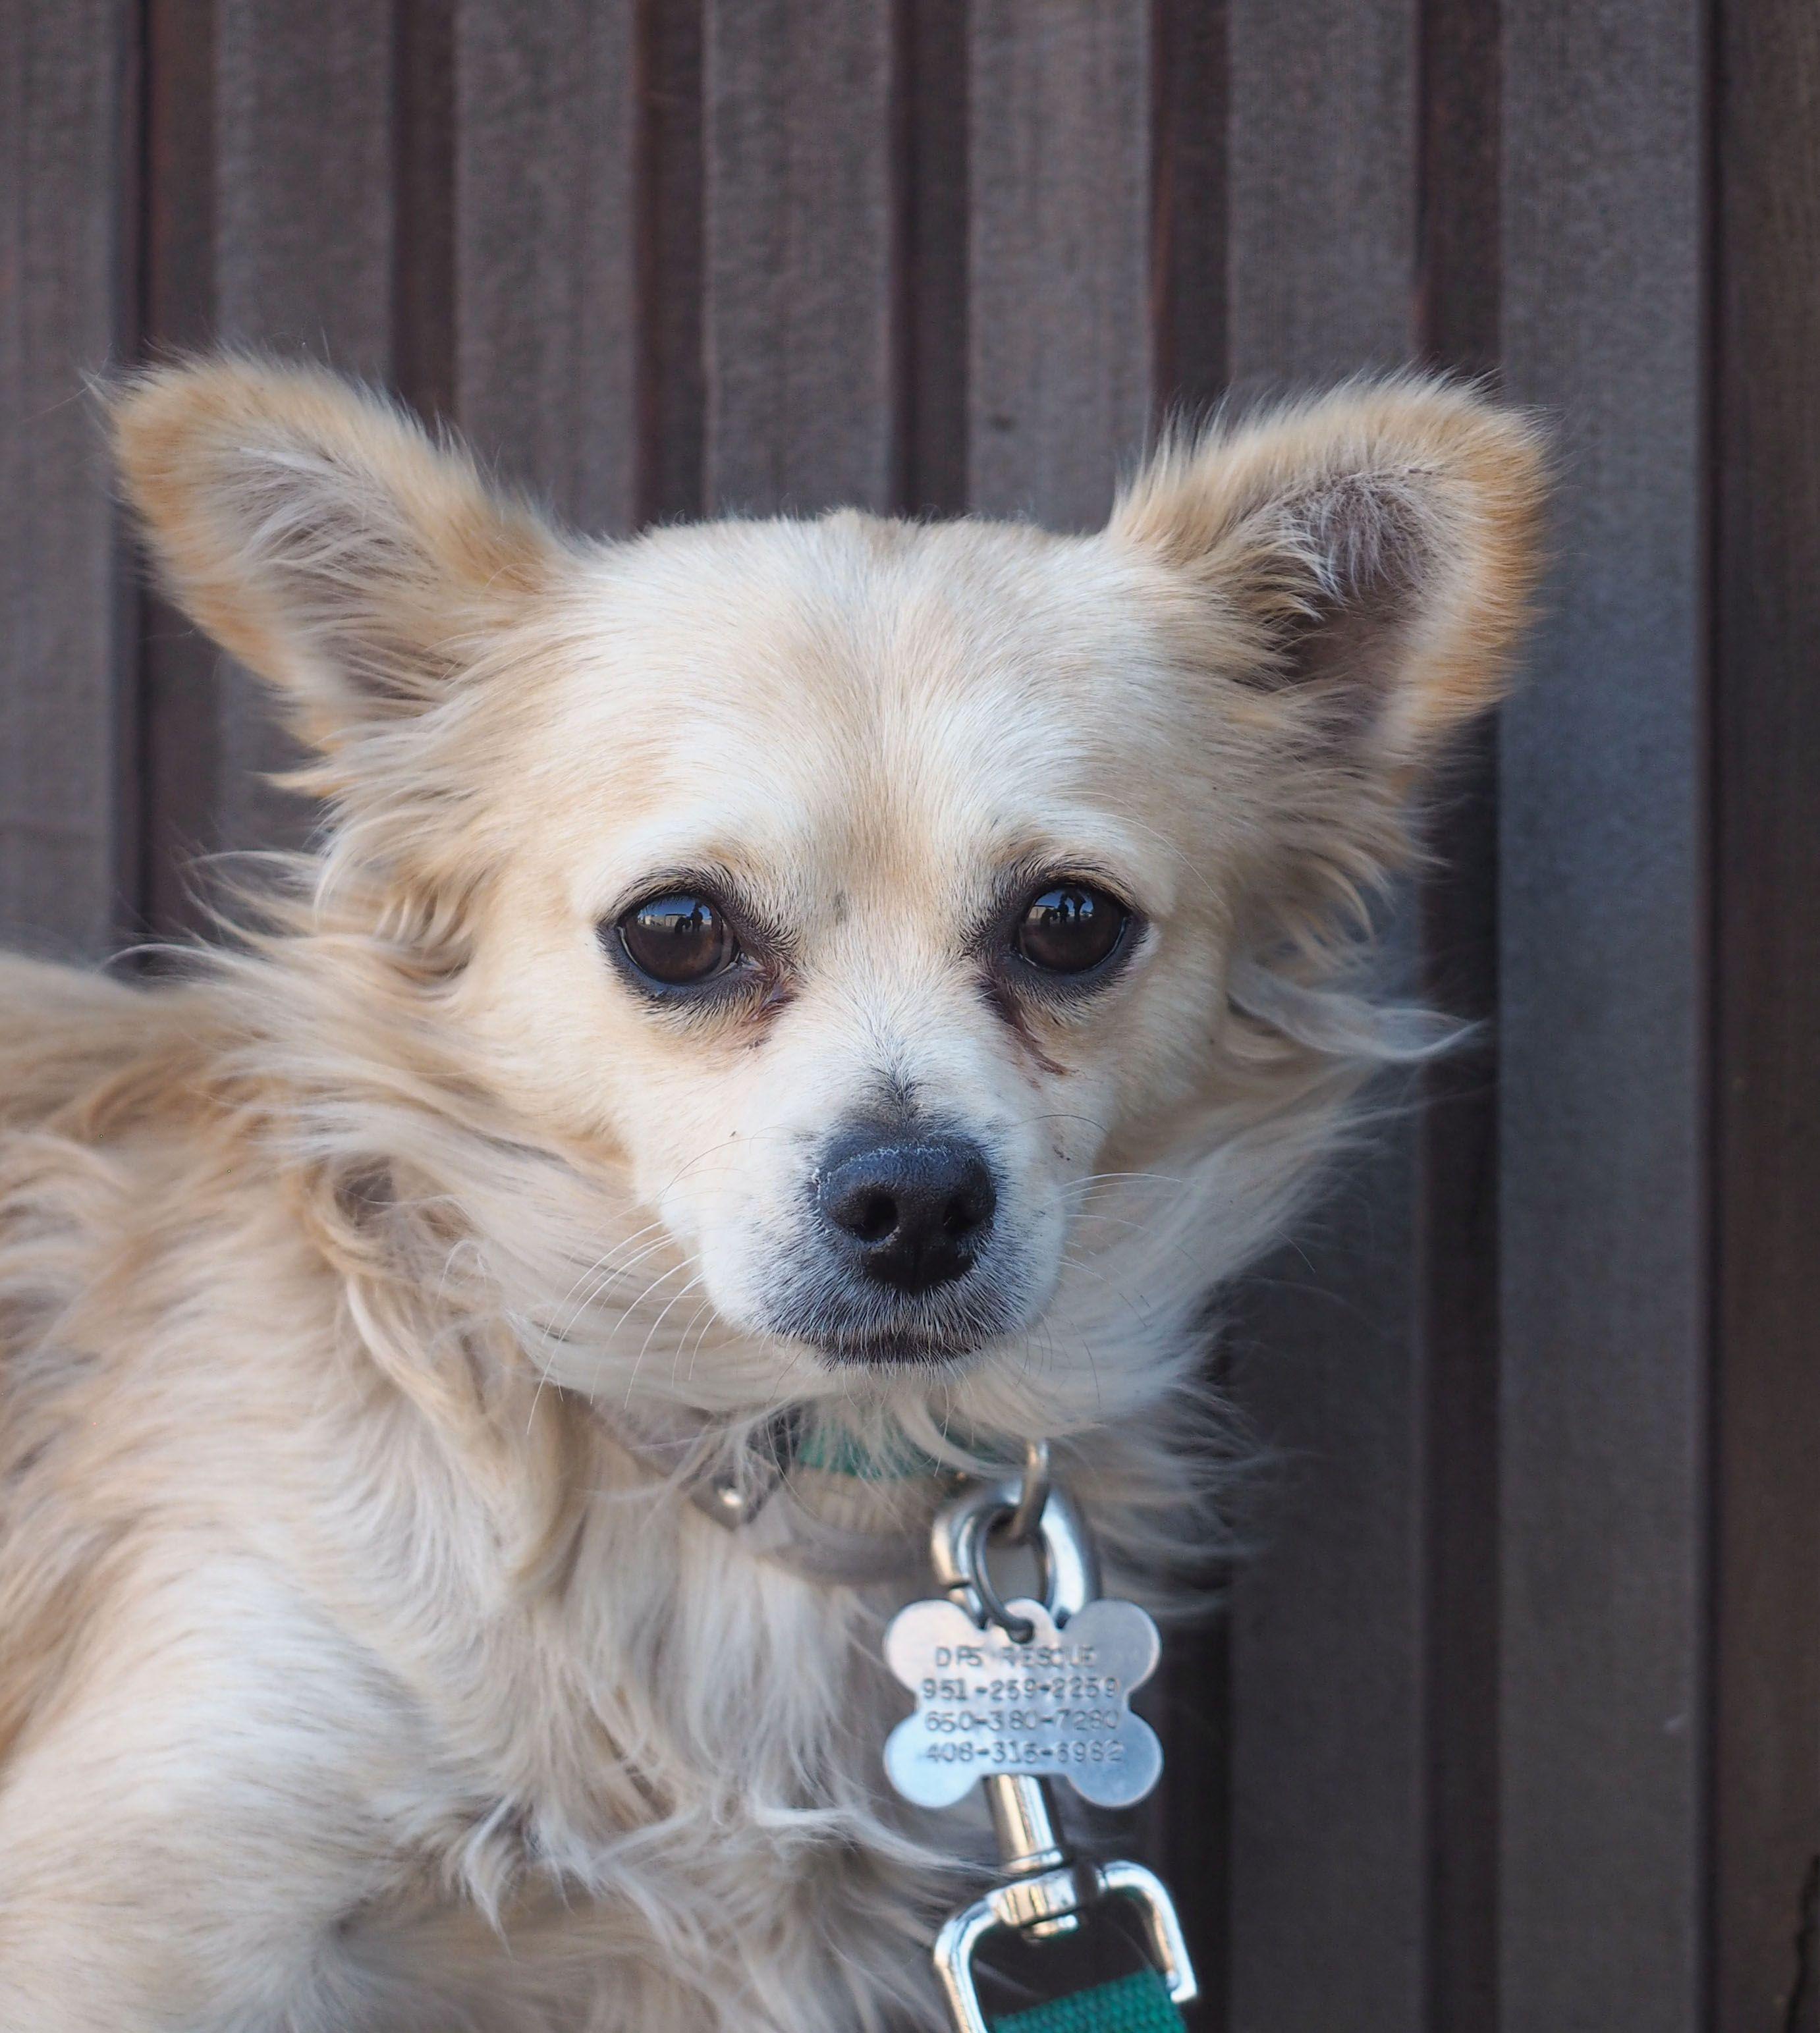 Puppy rescue palo alto